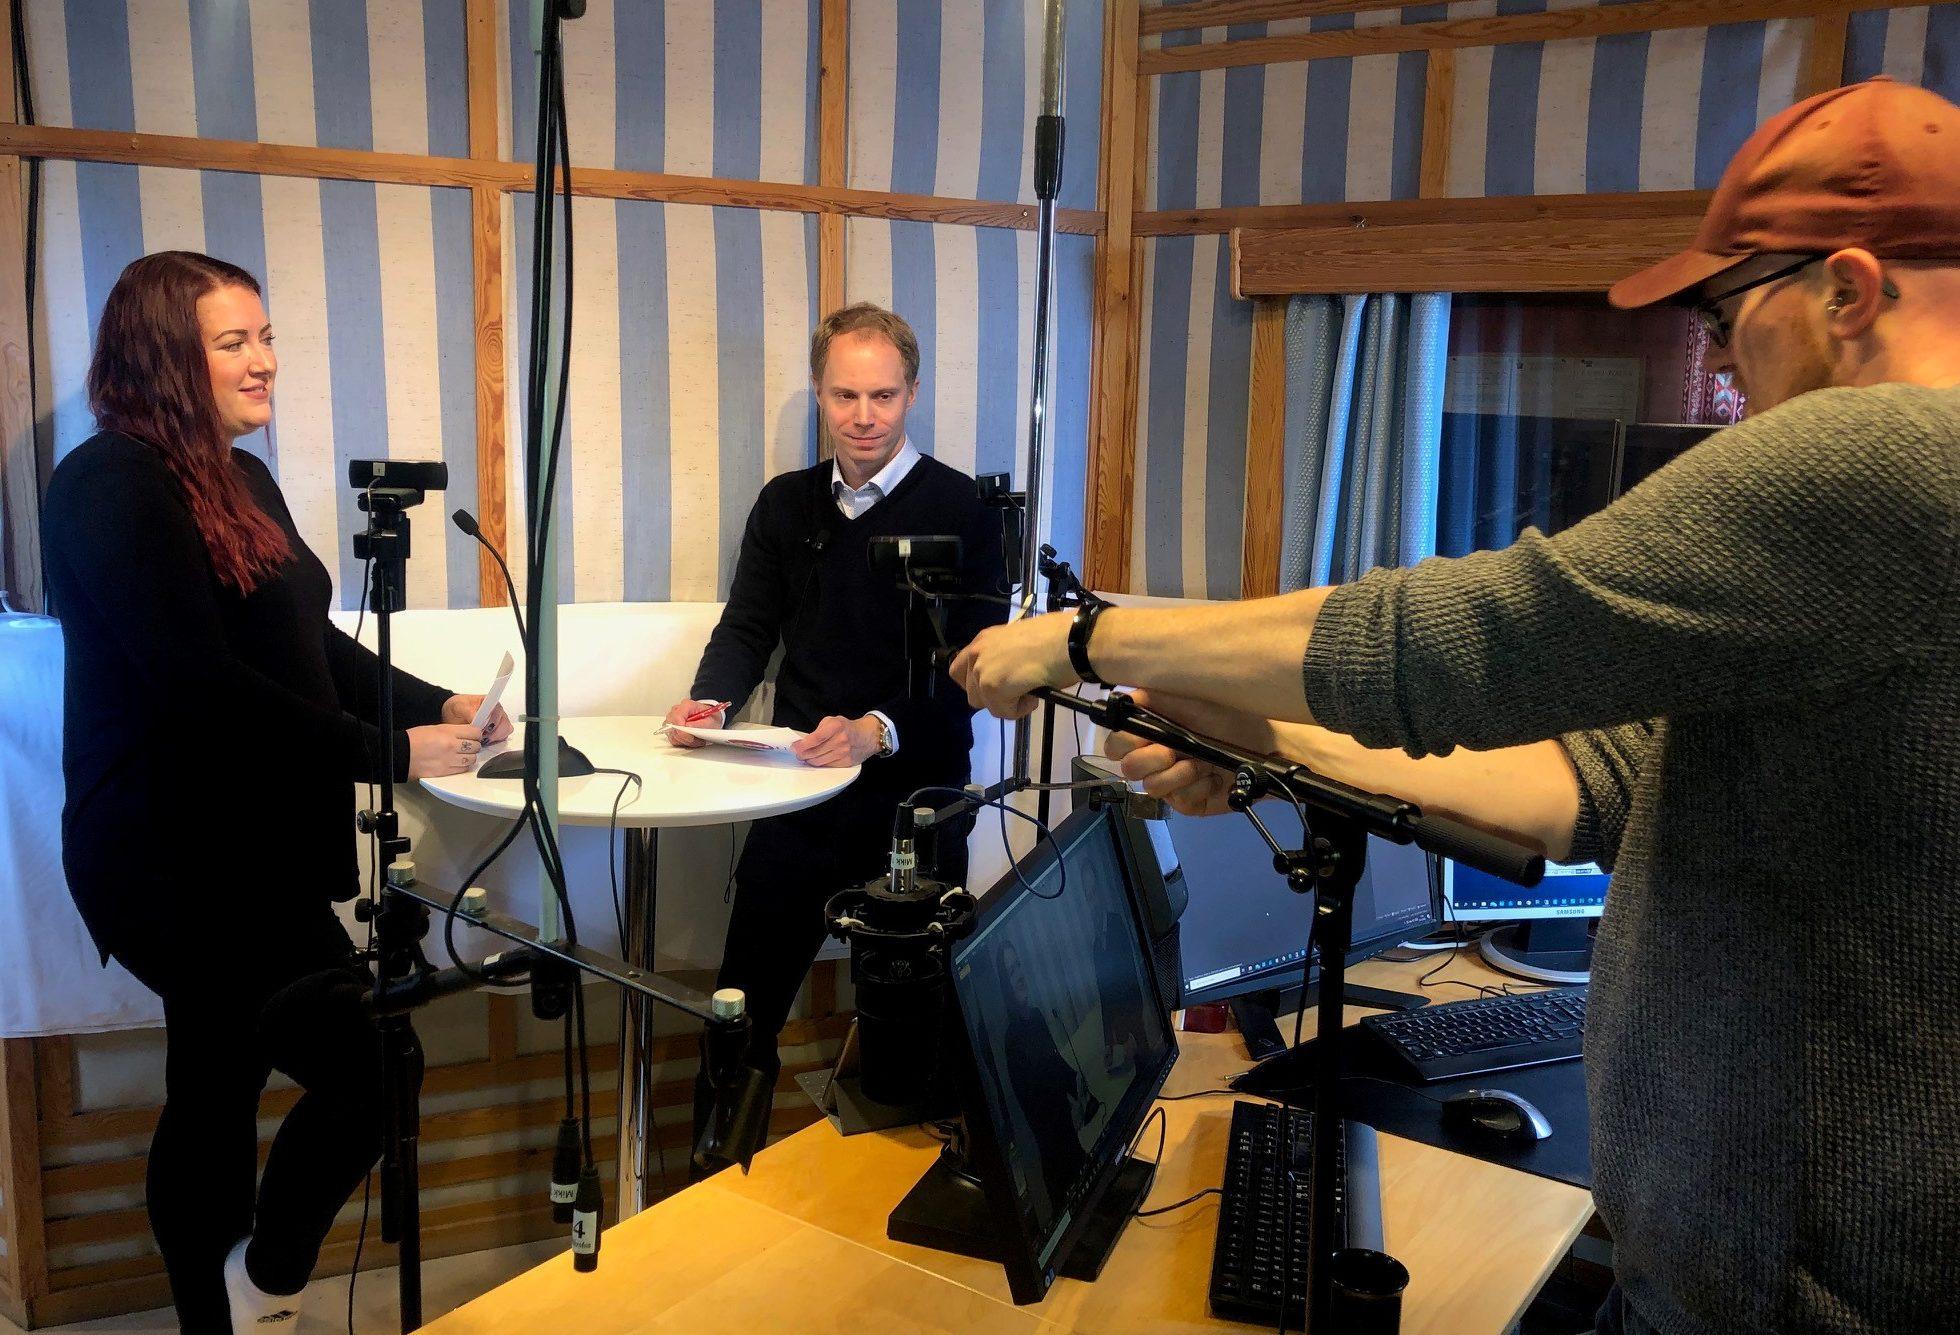 PODKAST OM ØKONOMI: NAV-leder Ørjan Gangnes (i midten) og veileder Cathrine Solheim Goss fra NAV Østre Toten får hjelp av Radio Toten-programleder Alexander Bryntesen med å spille inn podkasten ØkonomiNAVigasjon.